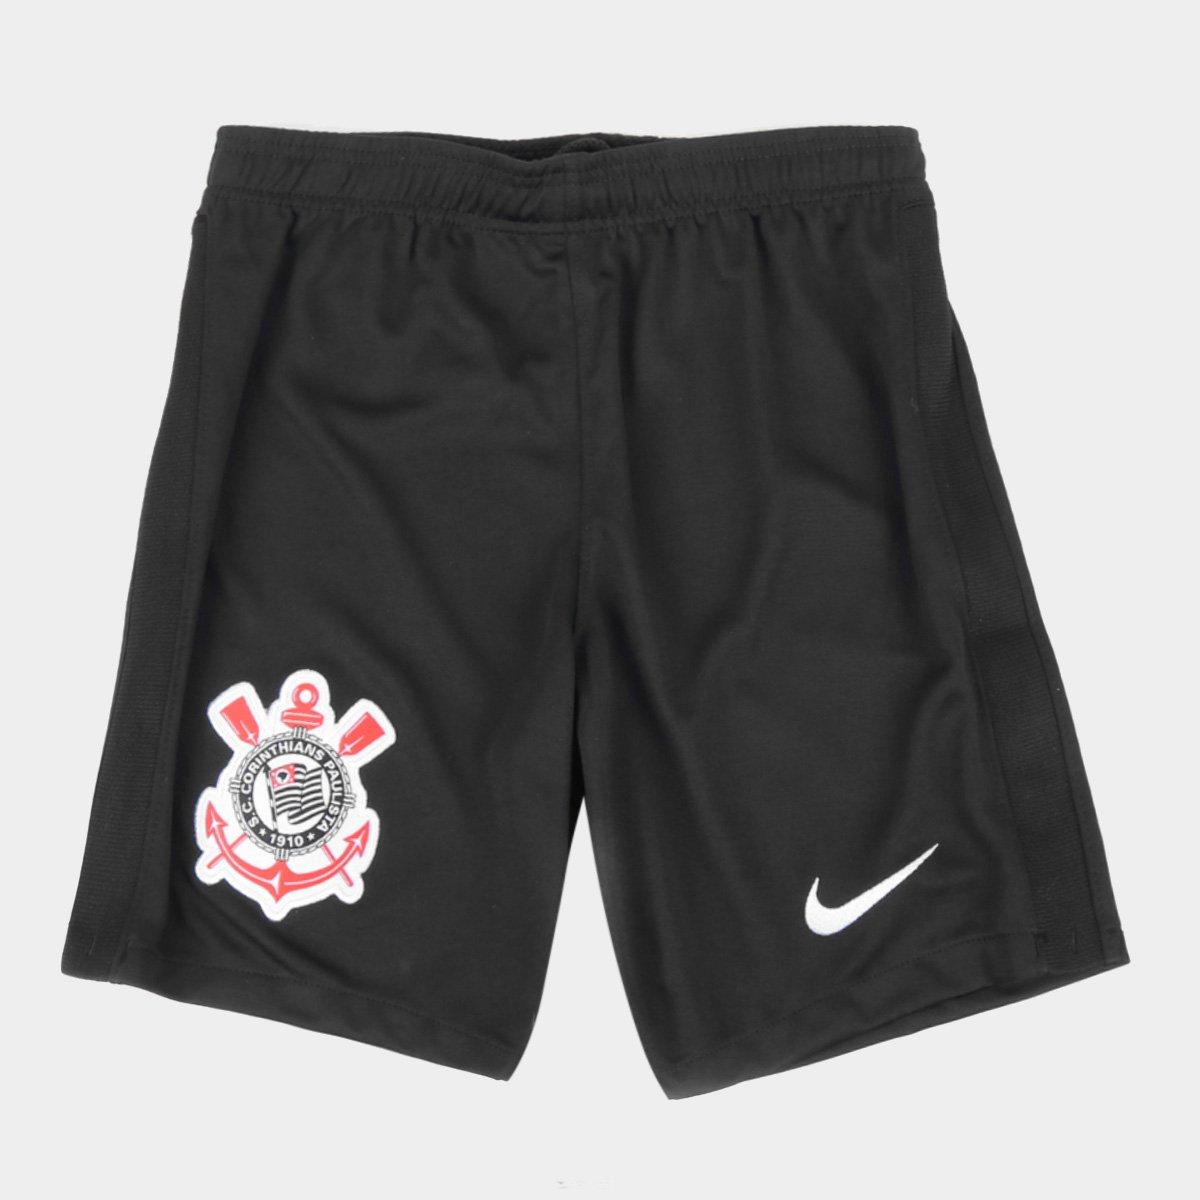 Calção Corinthians Juvenil I 21/22 Nike